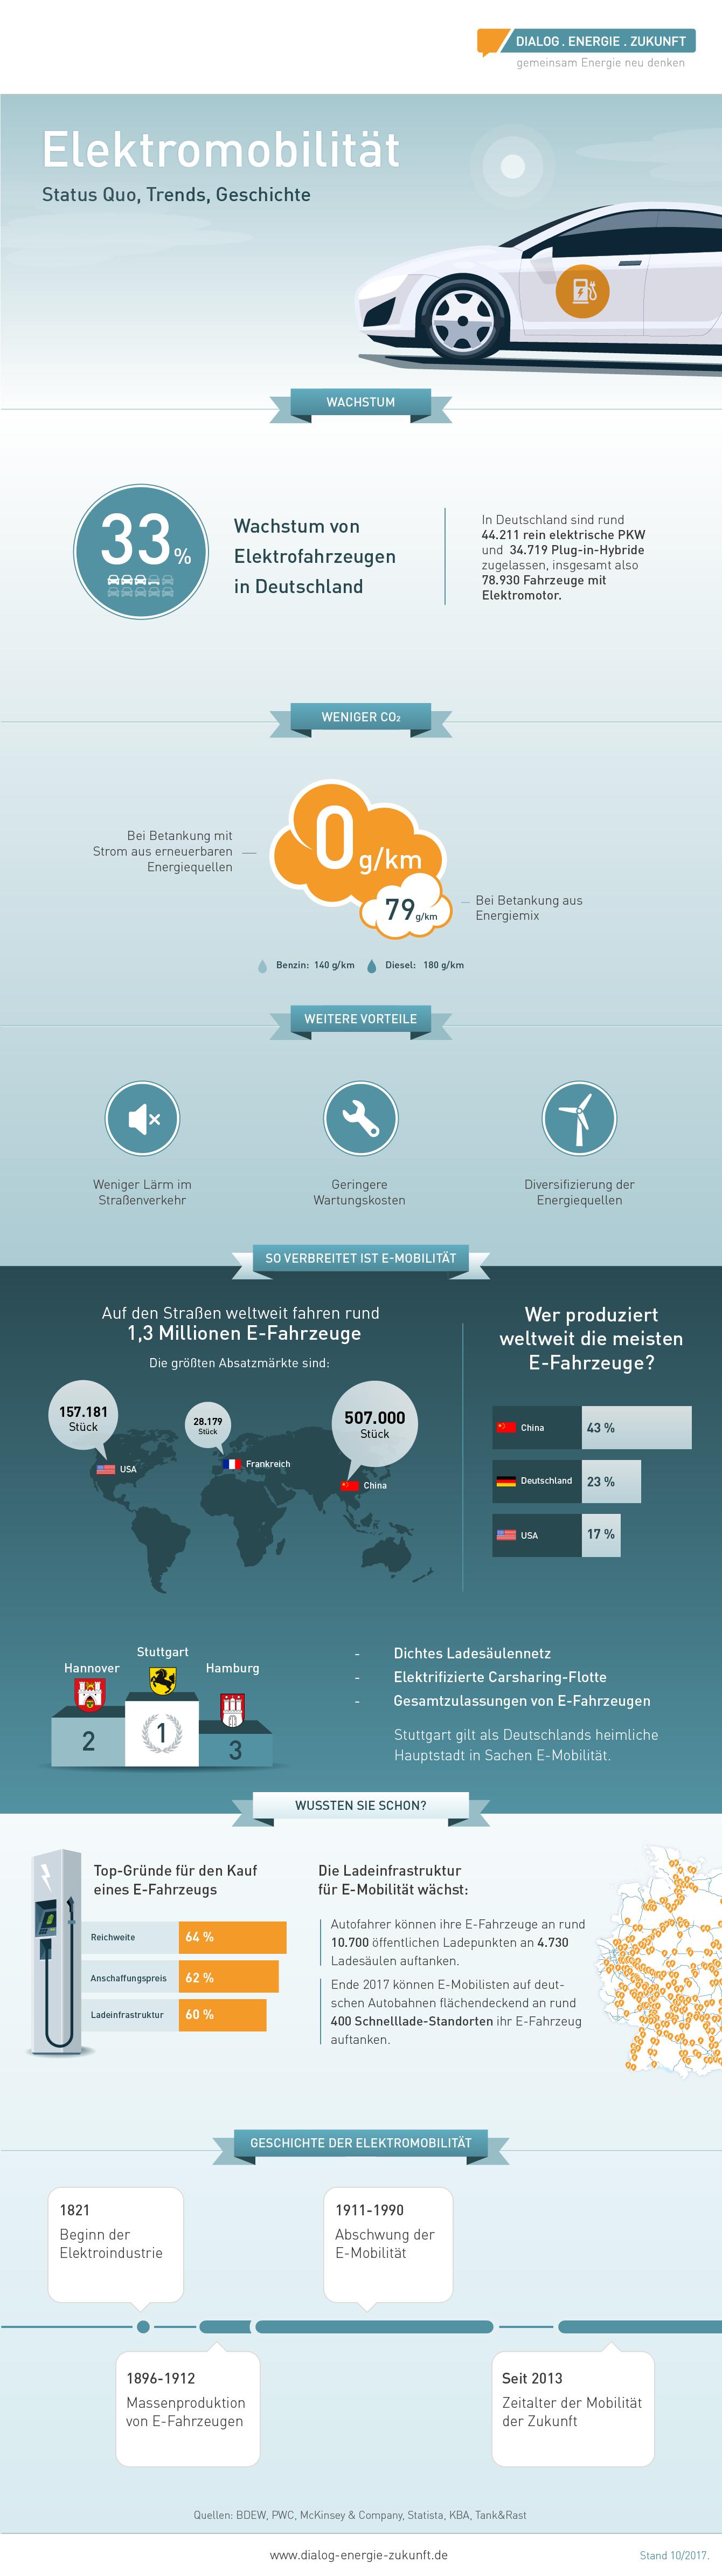 Zahlen, Daten und Fakten zur Elektromobilität